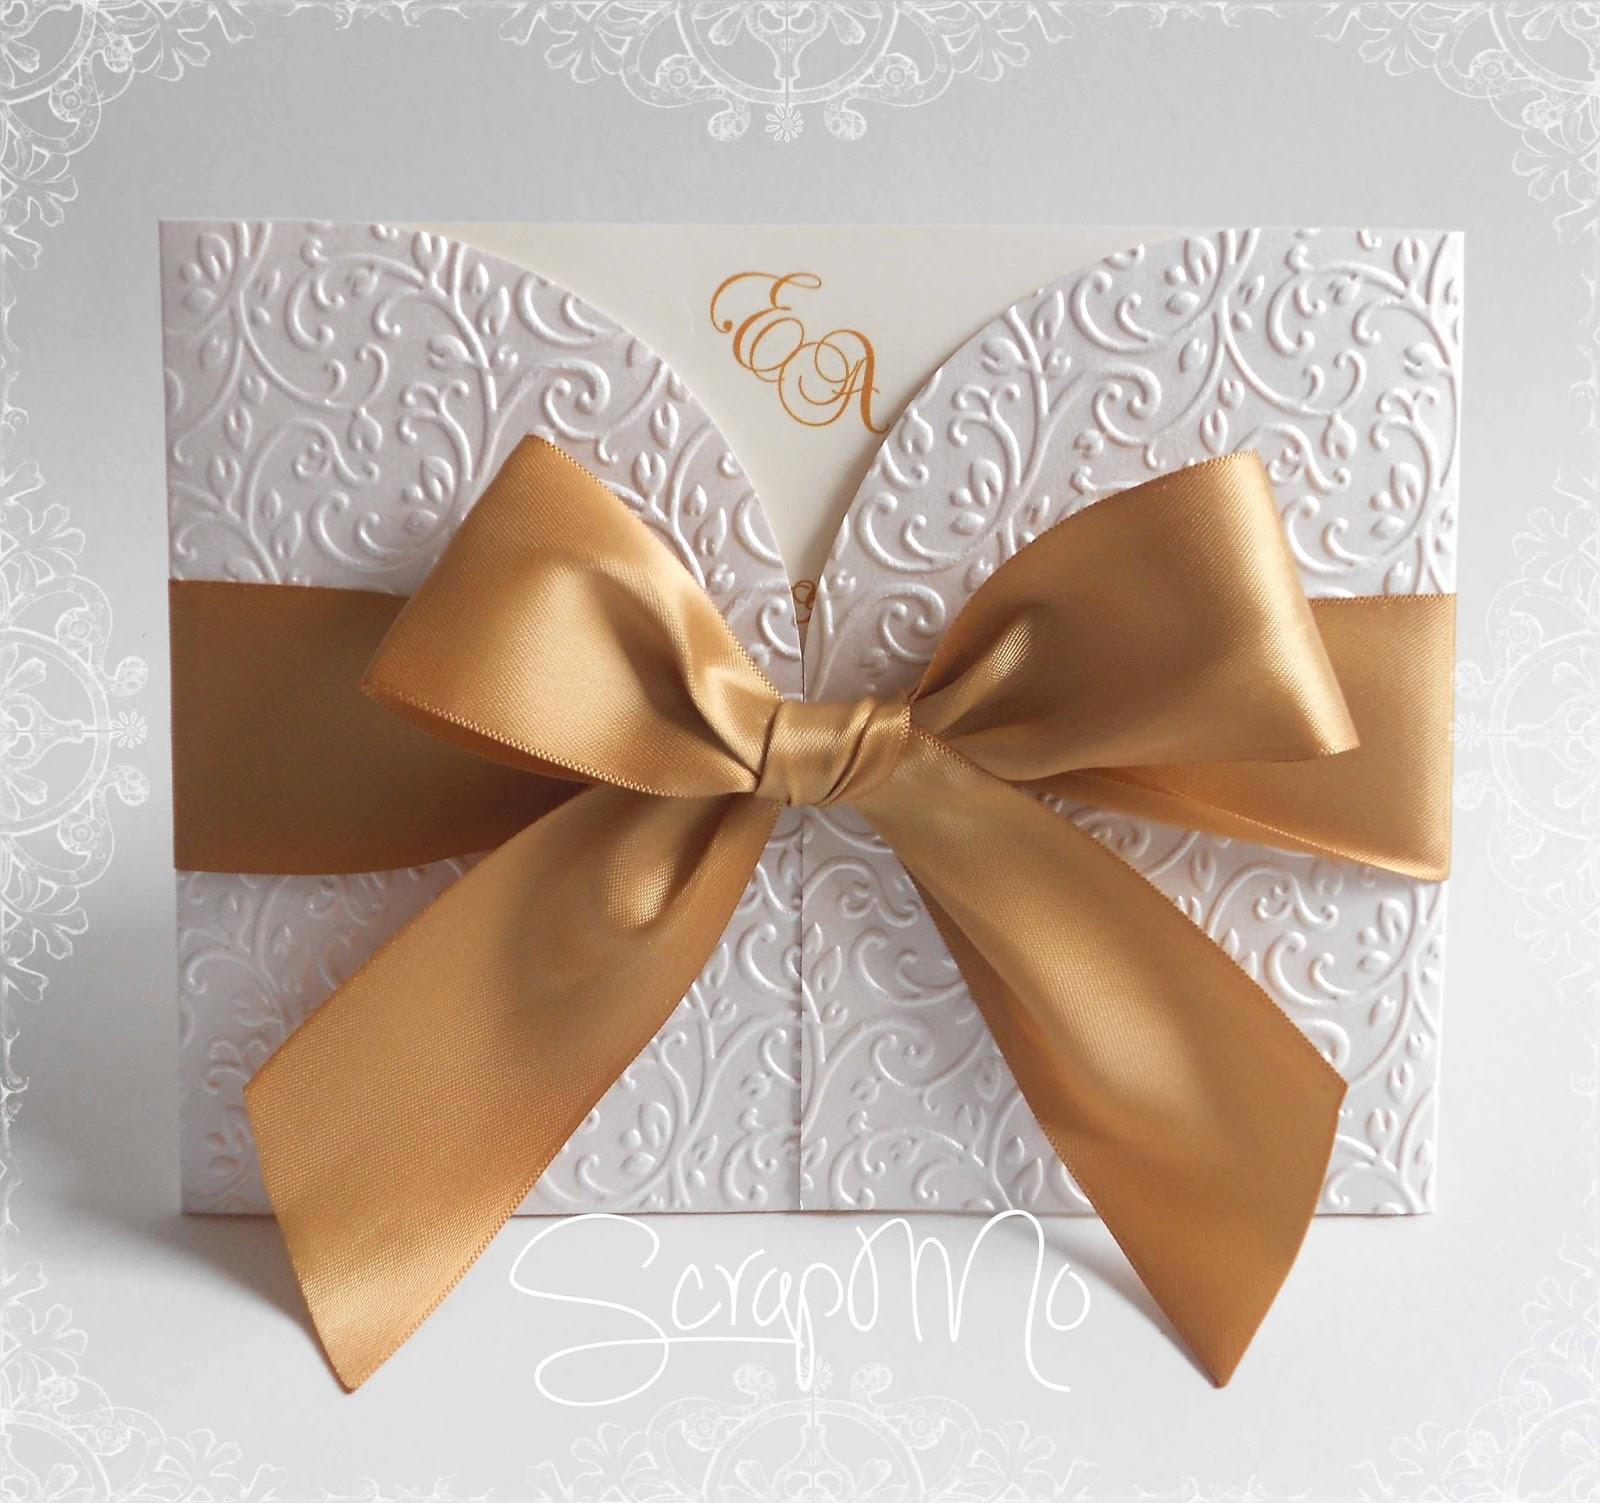 1000 ideas about modelos de tarjetas on pinterest - Tarjeta de boda ...